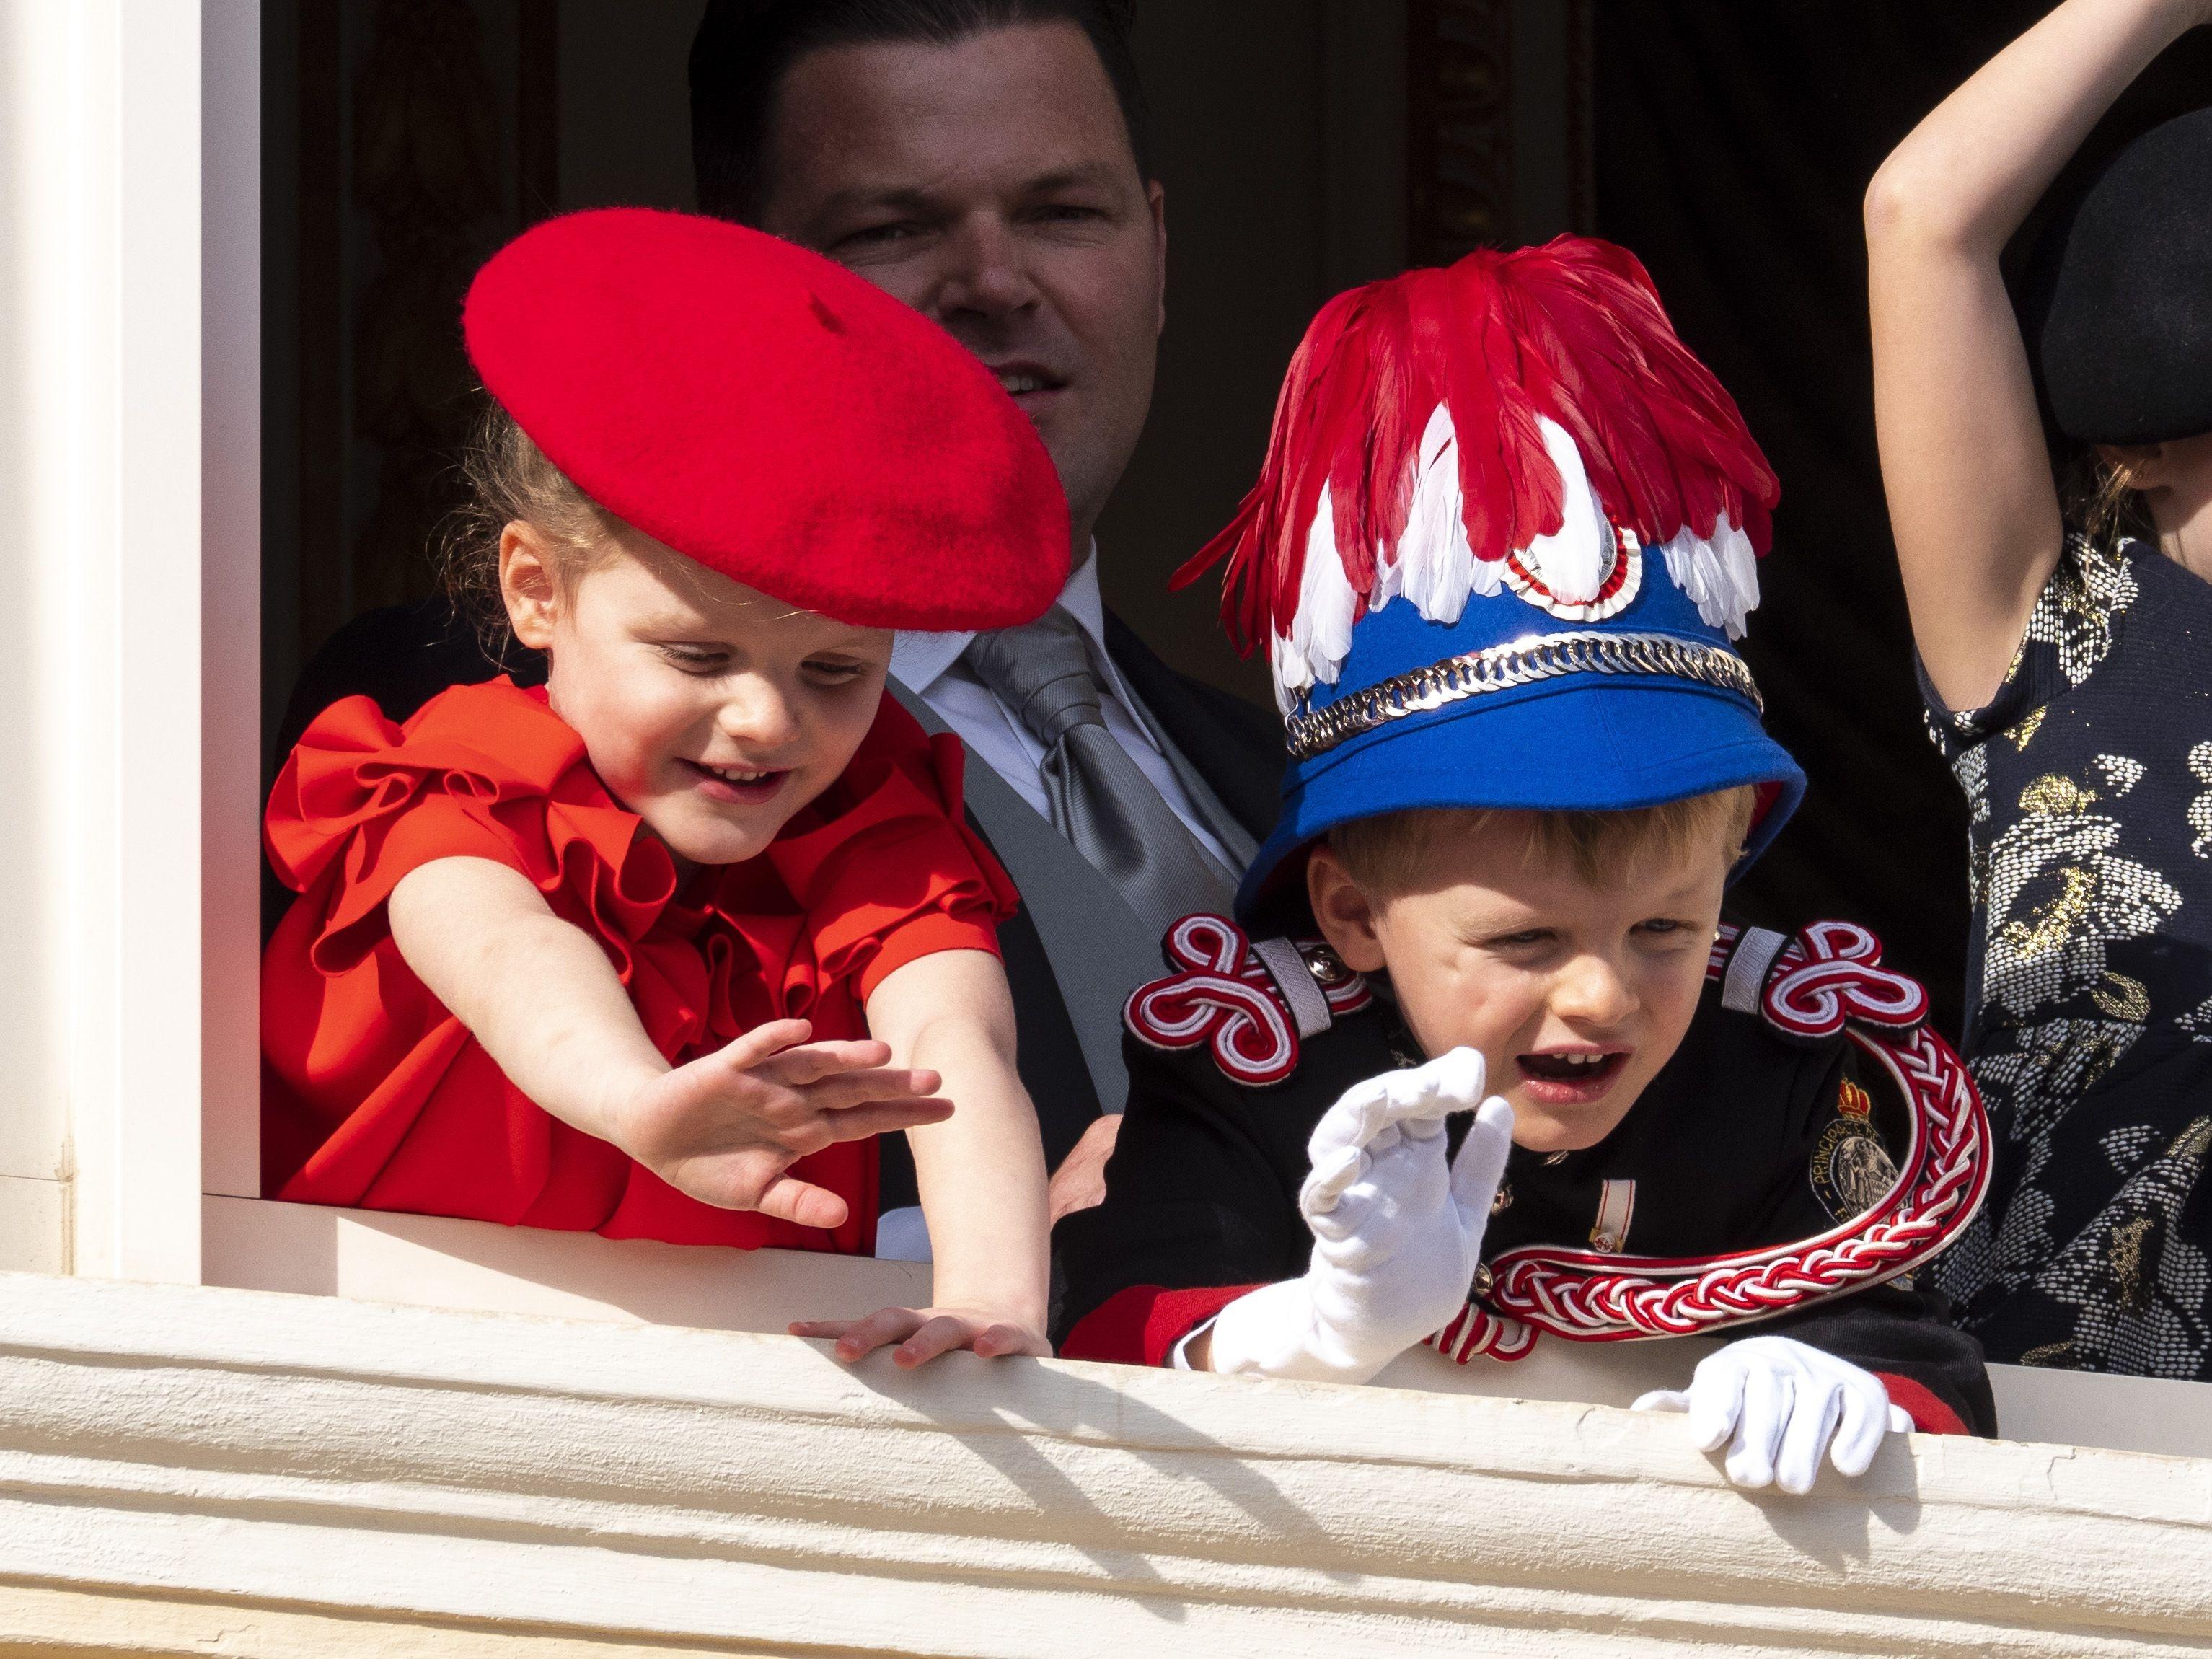 Tiểu công chúa Gabriella mặc trang phục màu đỏ